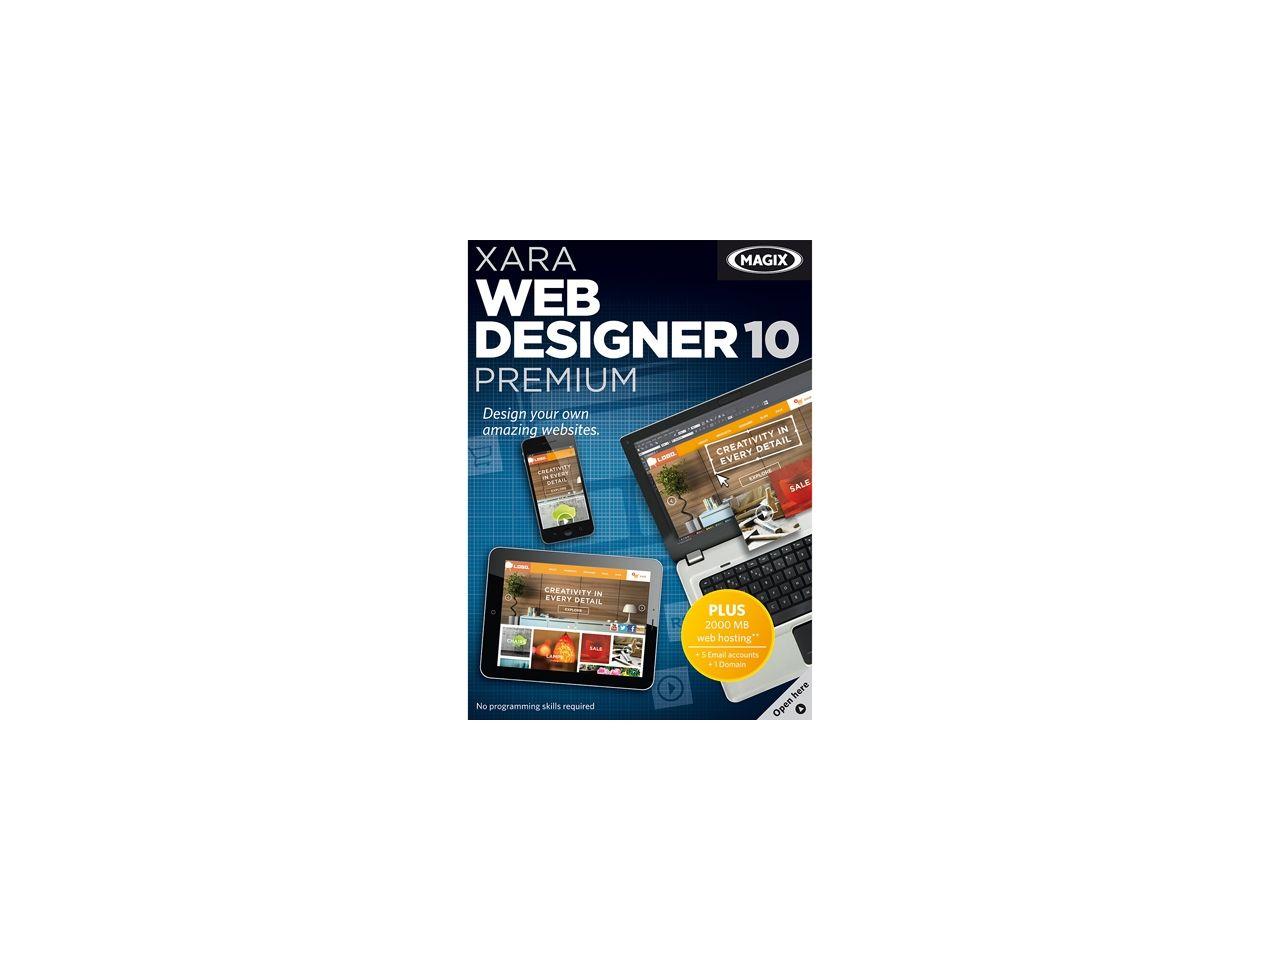 Xara Web Designer 10 Premium Download Web Design Design Premium Design